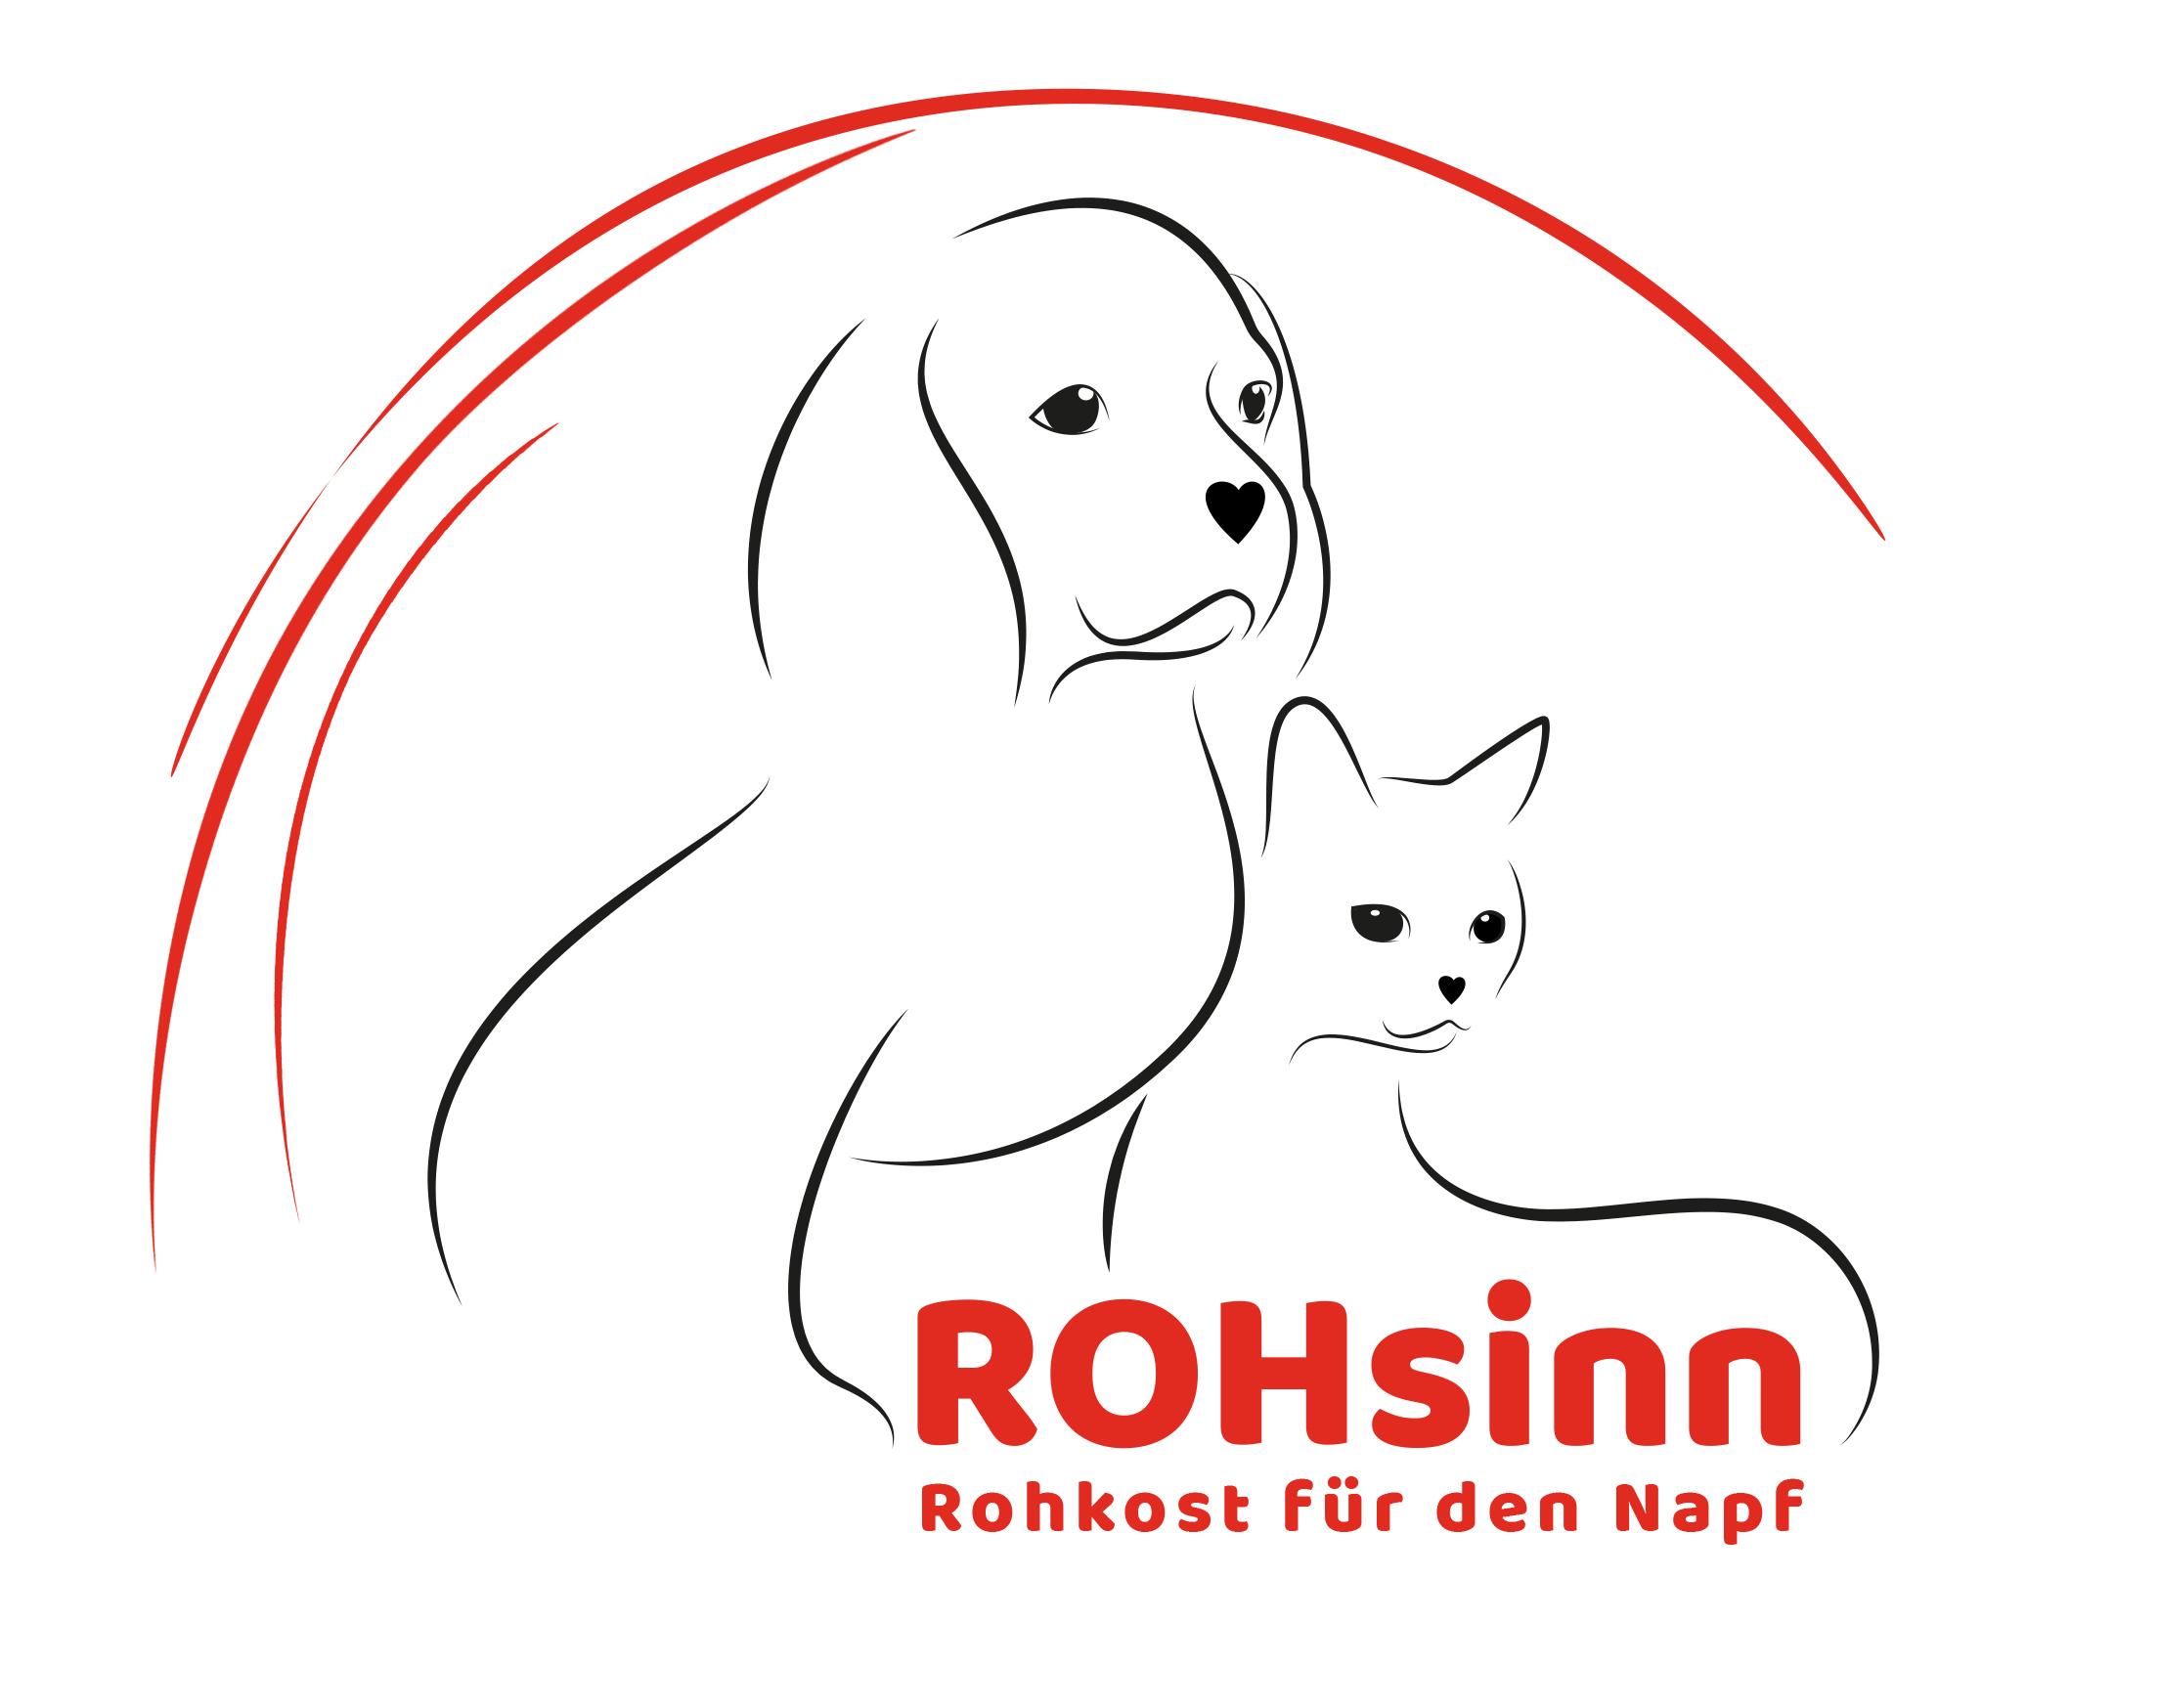 ROHsinn